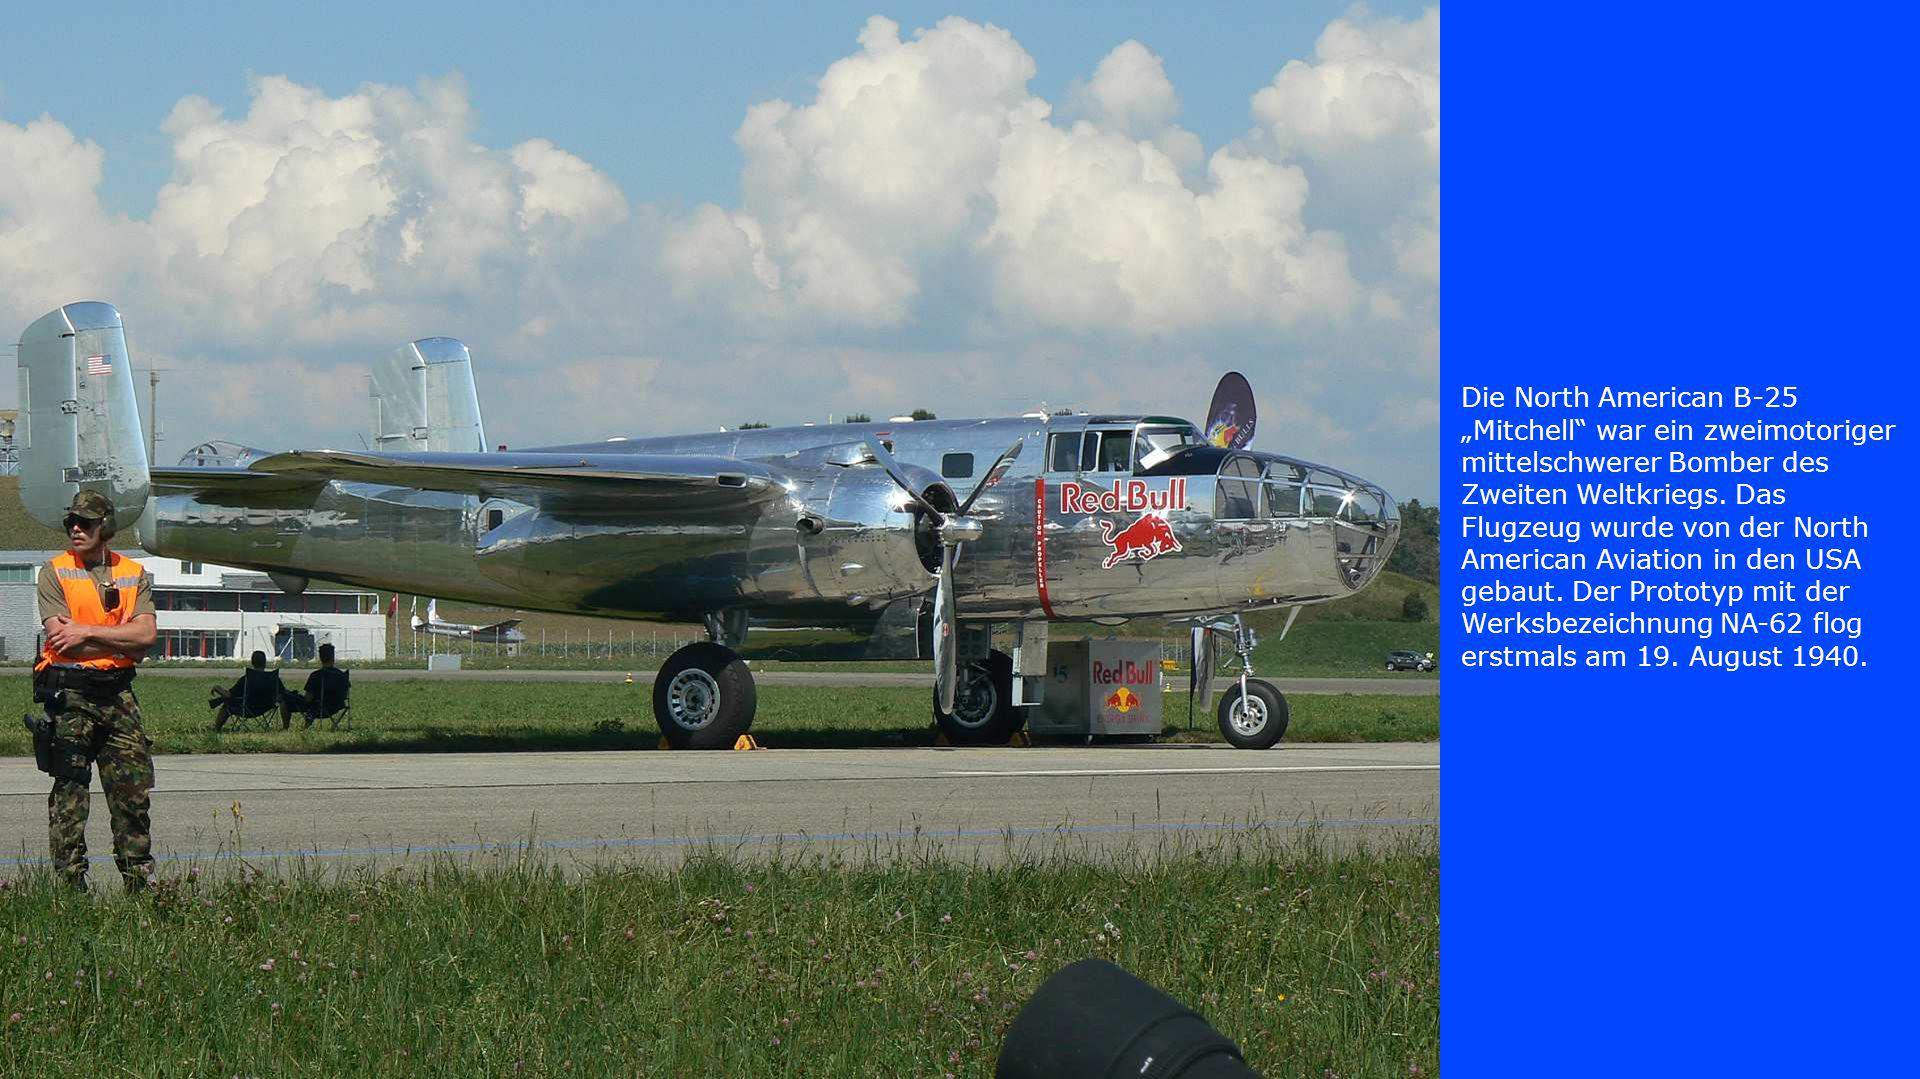 """Die North American B-25 """"Mitchell war ein zweimotoriger mittelschwerer Bomber des Zweiten Weltkriegs."""